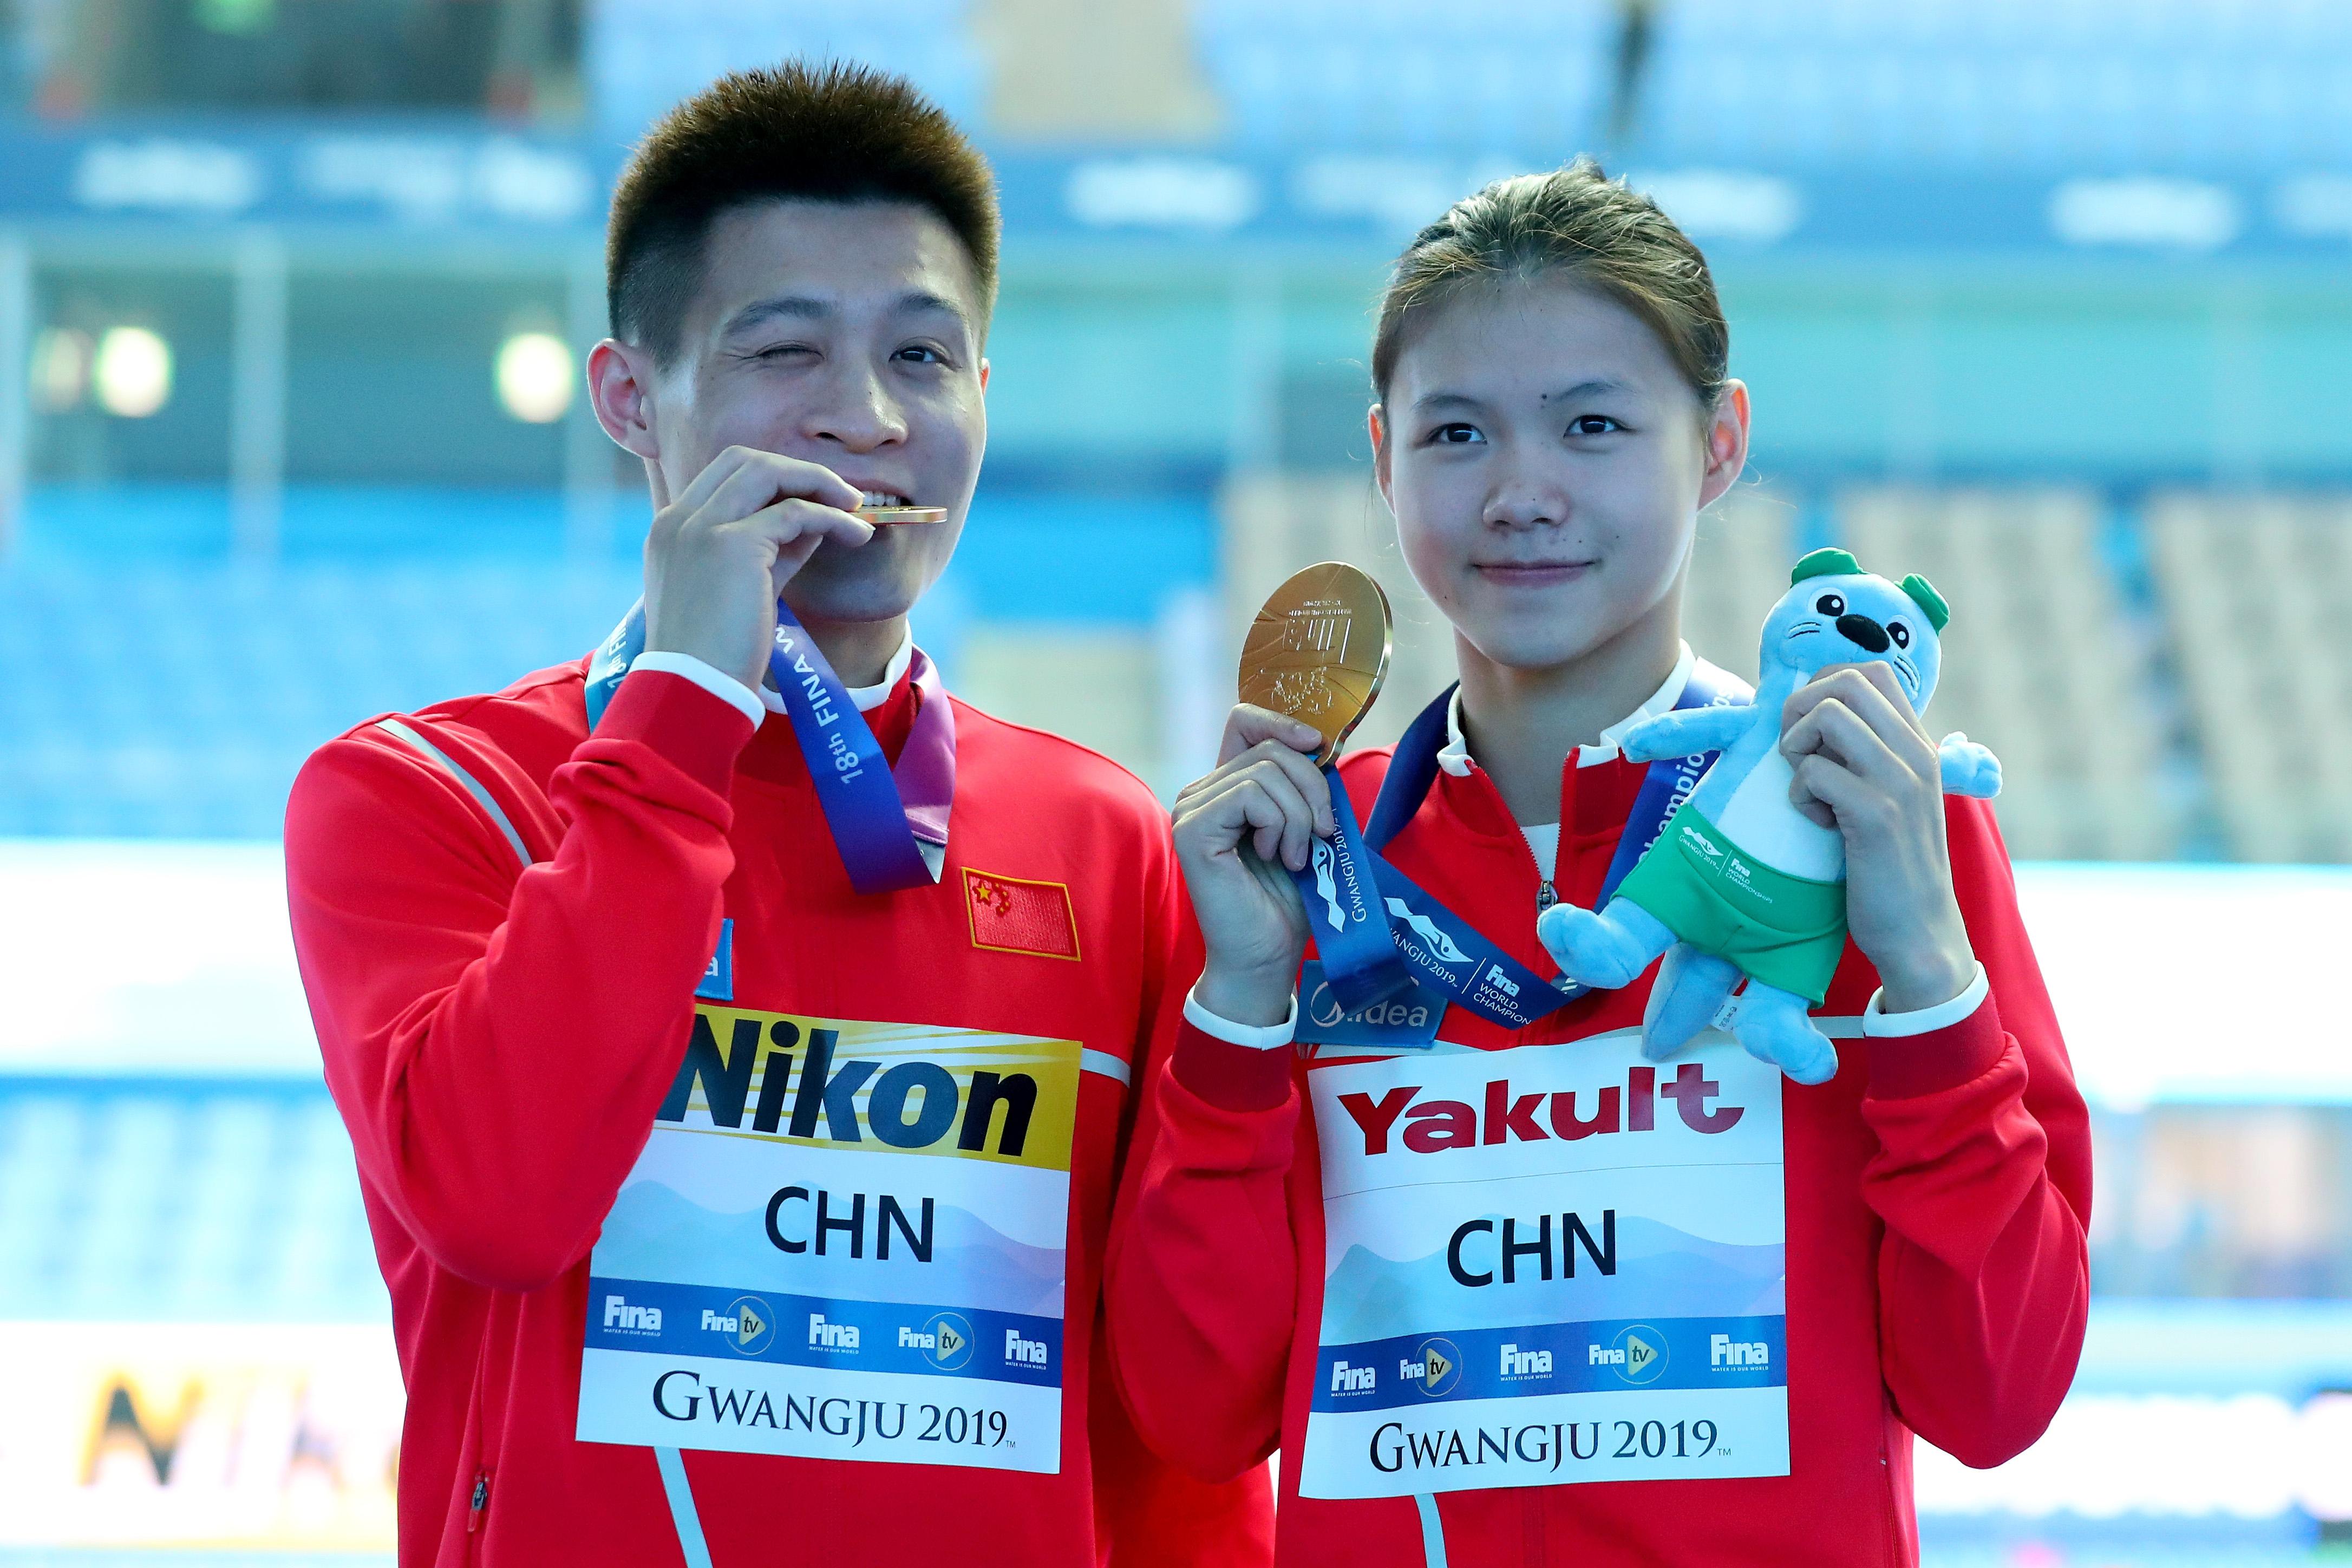 Продължава китайската доминация на световното първенство по плувни спортове в